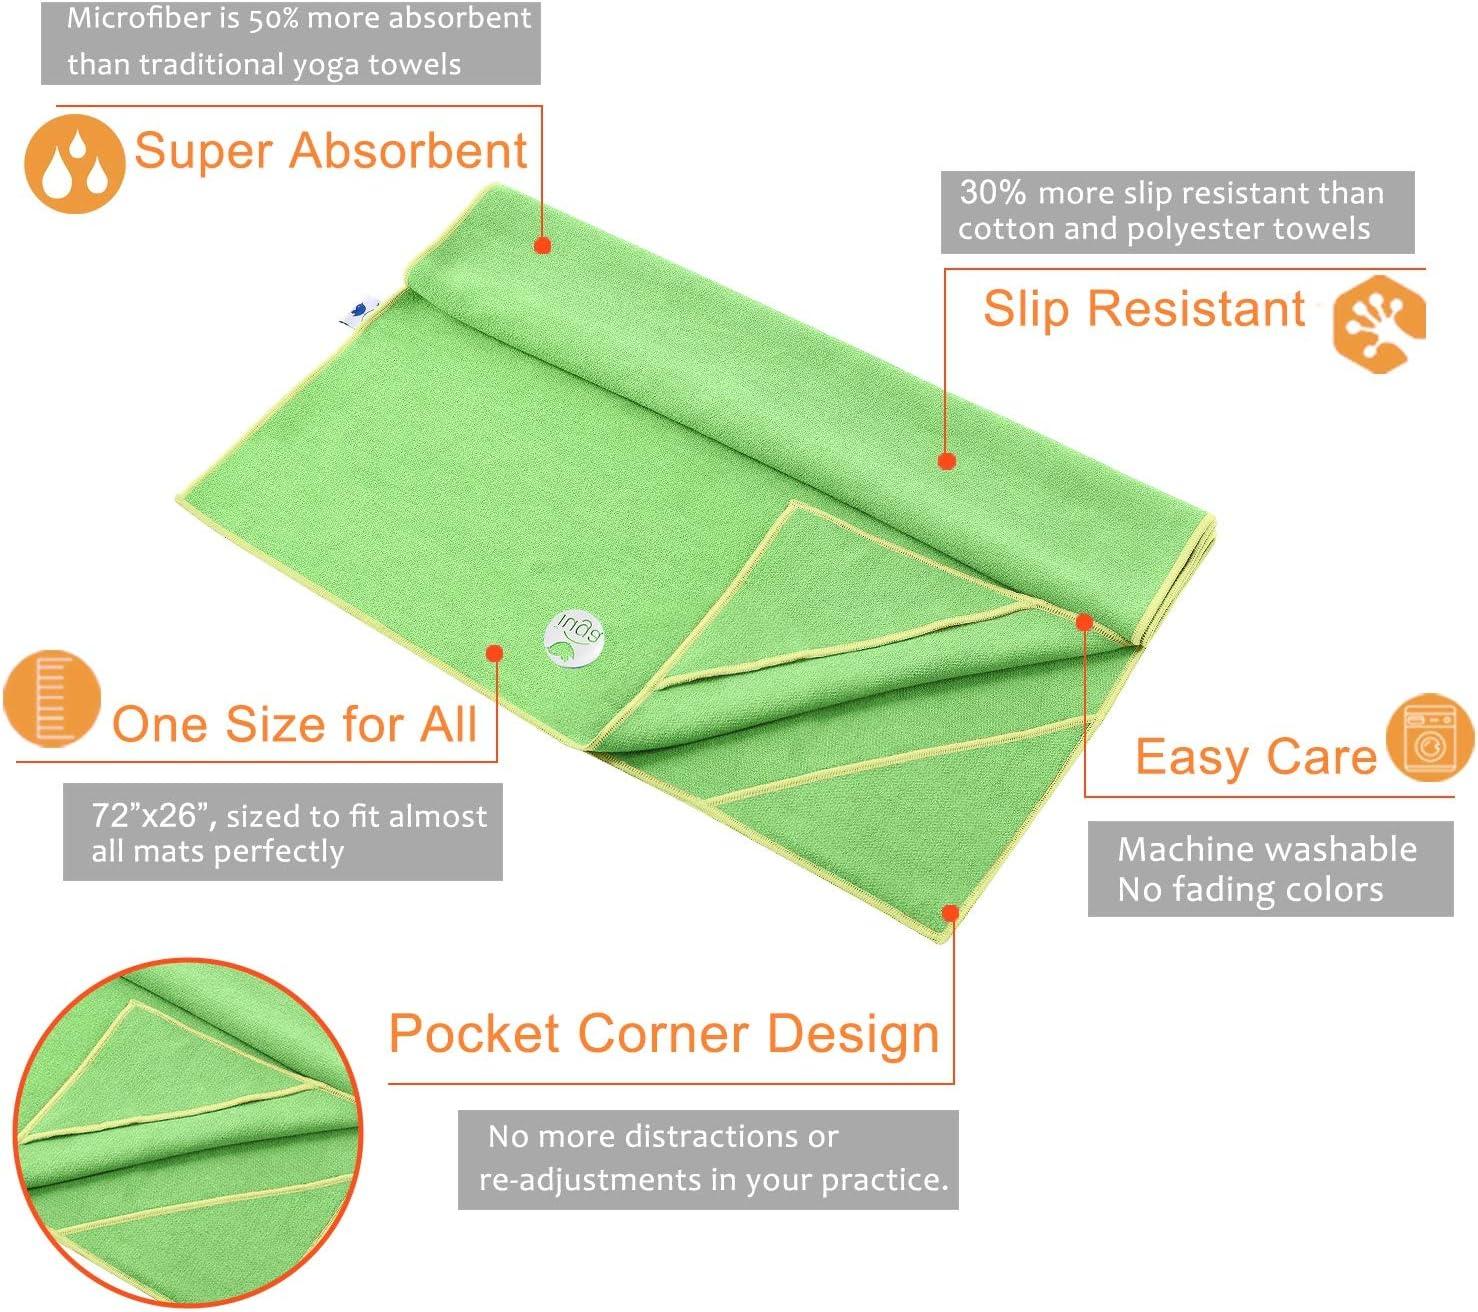 Microfibra 100/% Non Scivolare Tasche ad Angolo Design per prevenire Il raggomitaggio Asciugamano 2 in 1 Set Super Assorbente e Asciugatura Rapida IUGA Asciugamano Yoga Hot Spessore Extra